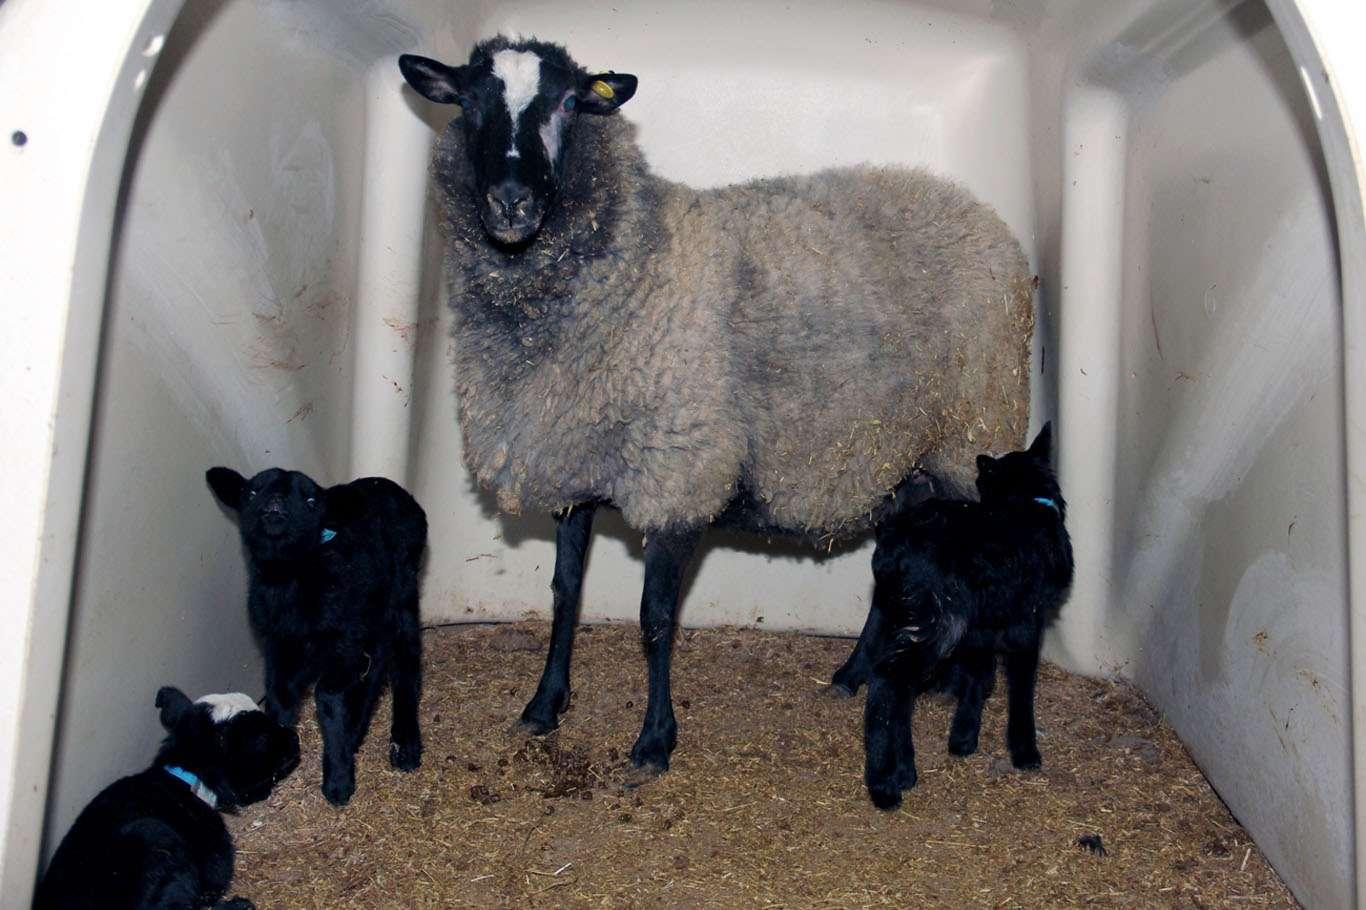 Romonov Cinsi Koyun Sezaryen İle Dördüz Doğum Yaptı Görenler Hayran Kaldı